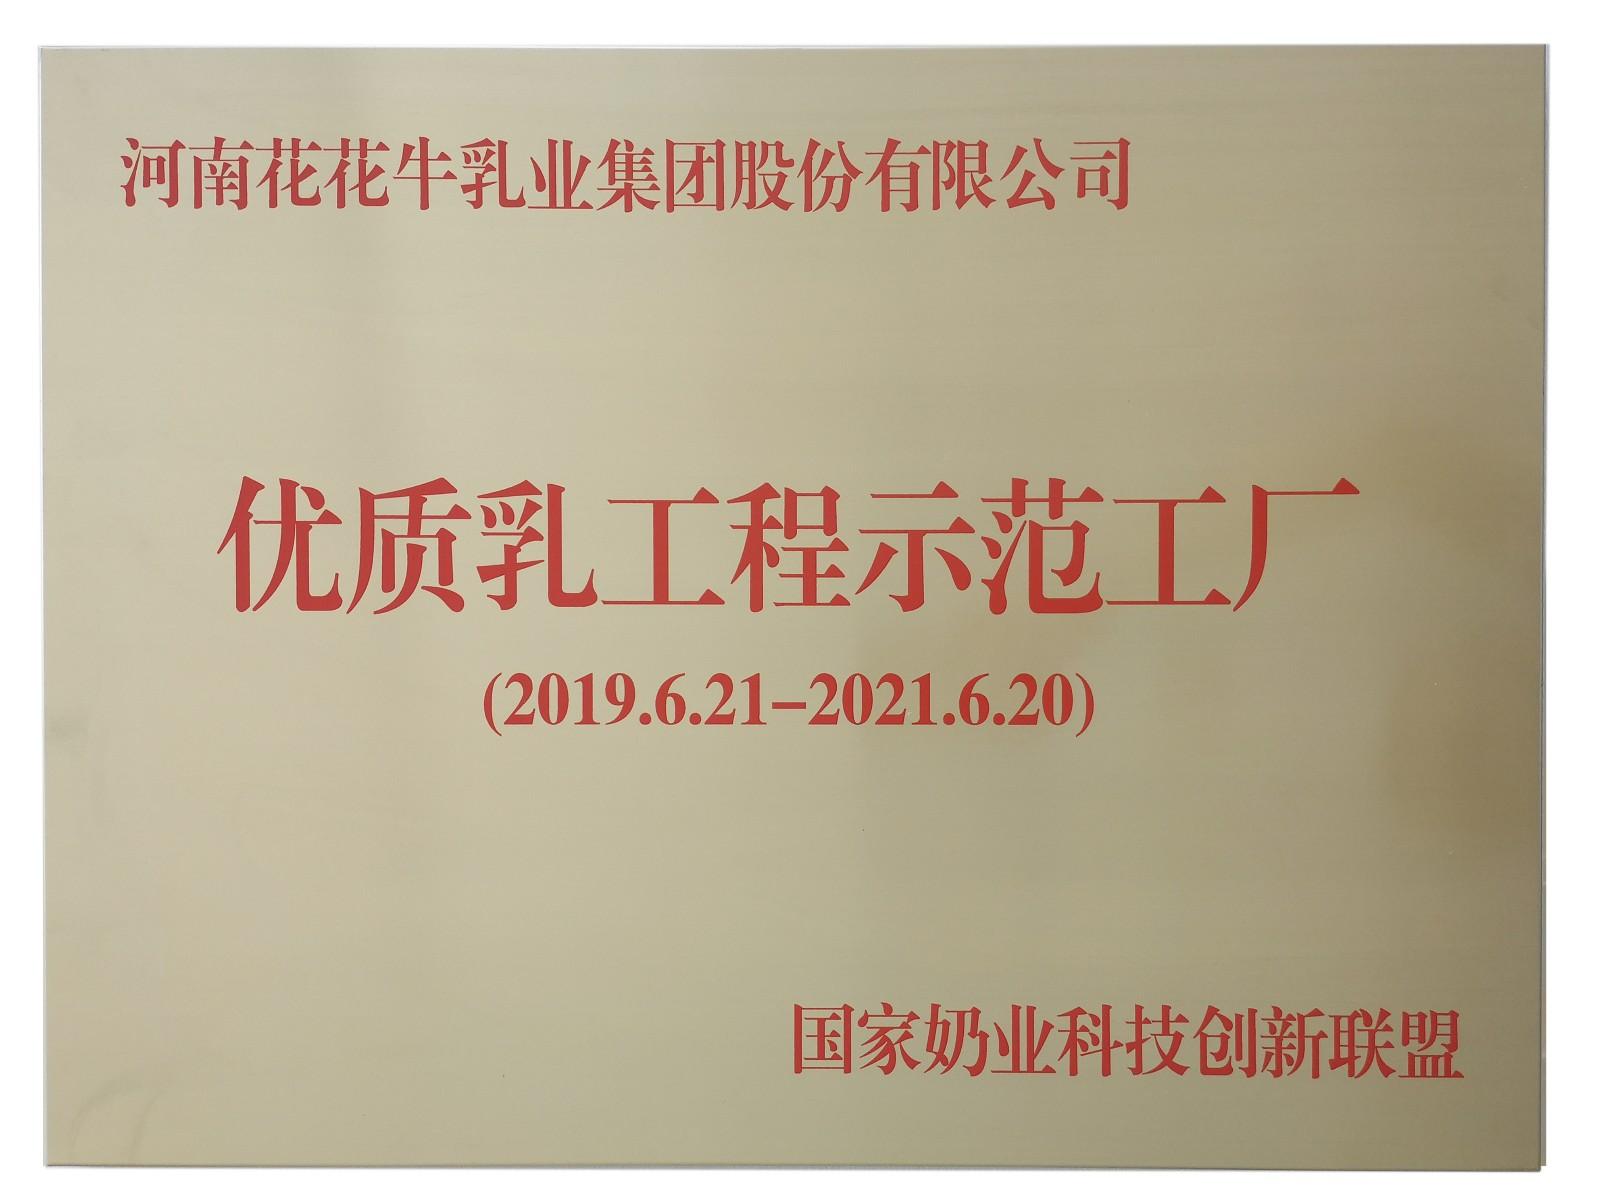 优质乳工程示范工厂(2019.6.21-2021.6.20)